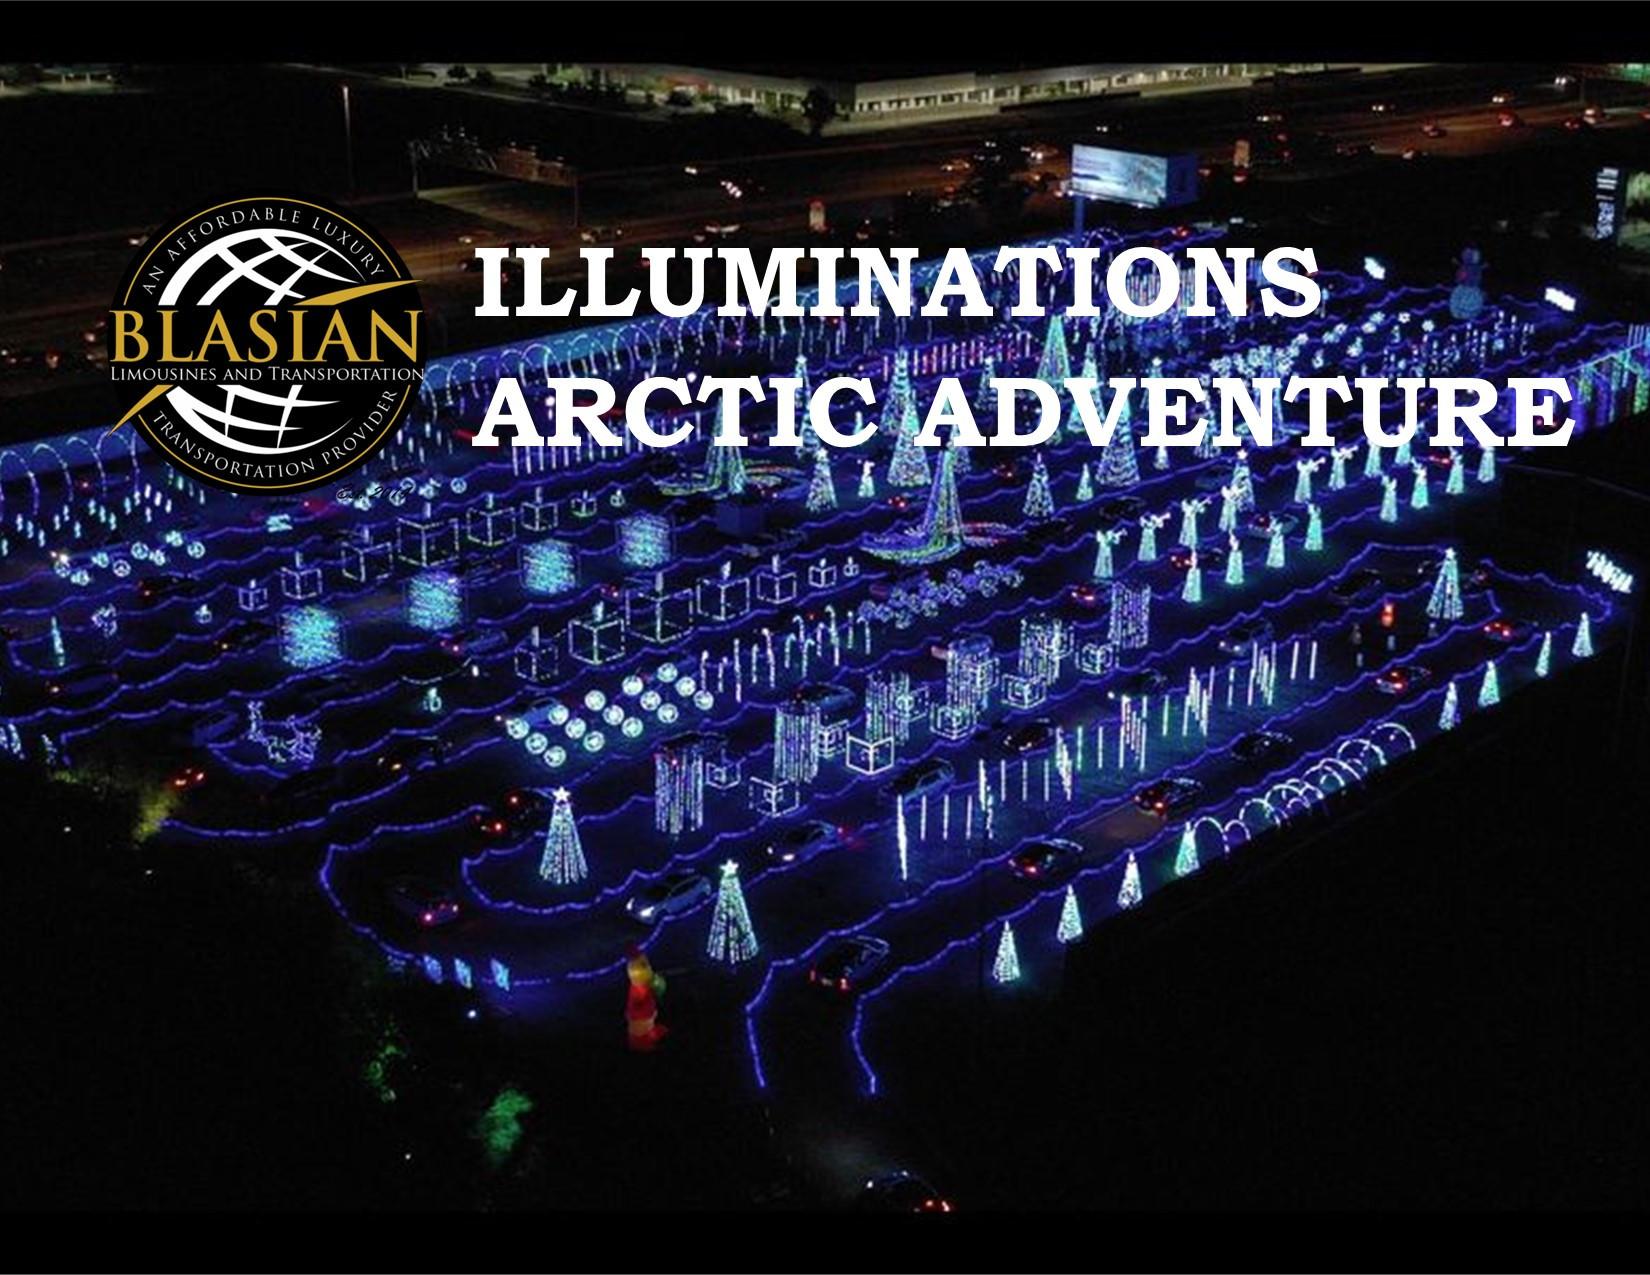 Illuminations ARCTIC ADVENTURE TEMPE